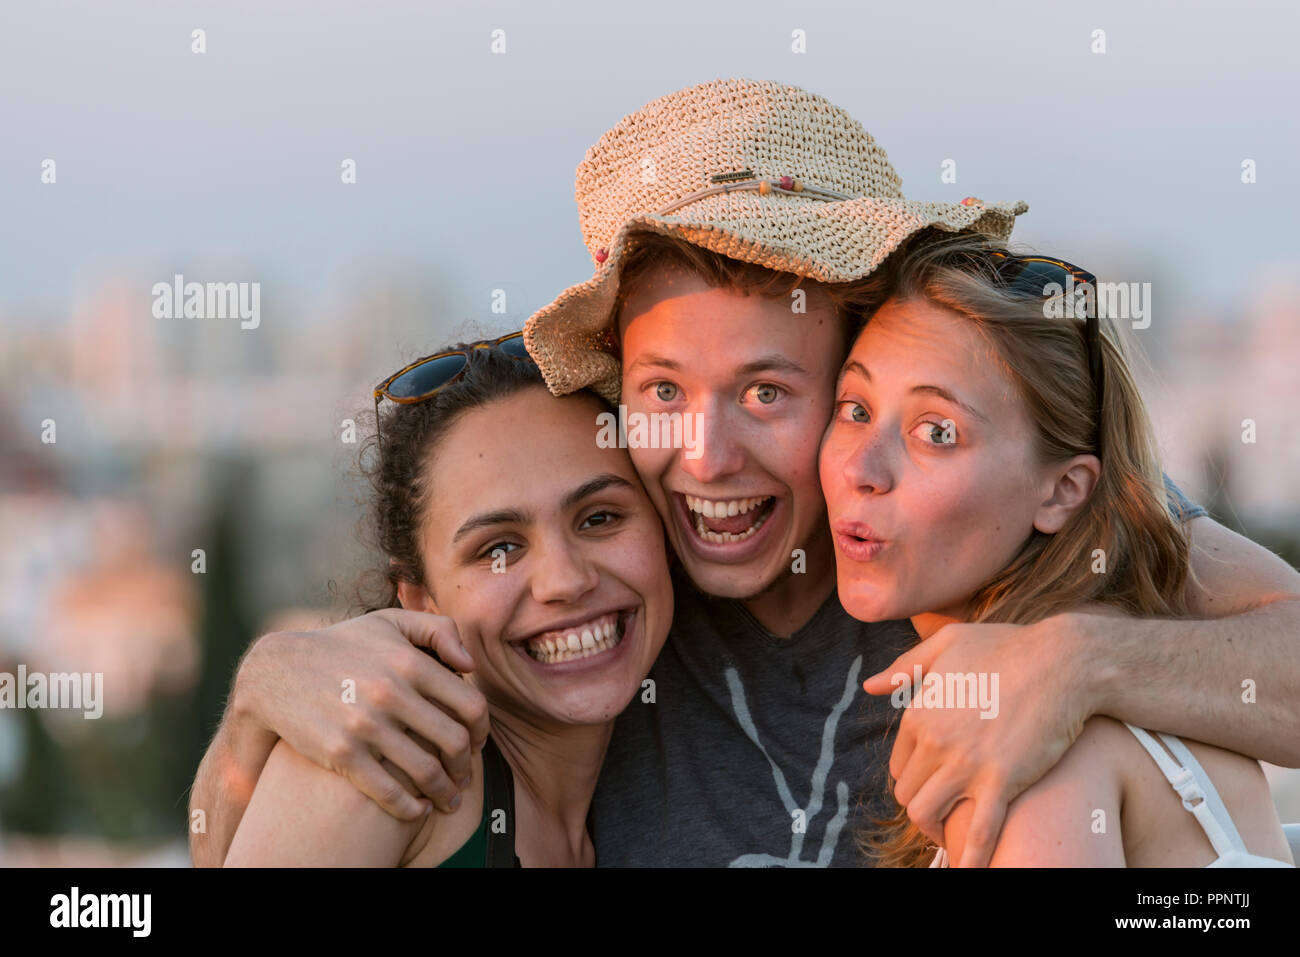 Deux jeunes femmes et les jeunes à l'homme à la caméra, heureusement les amis, Plaza de la Encarnacion, Séville, Andalousie, Espagne Banque D'Images